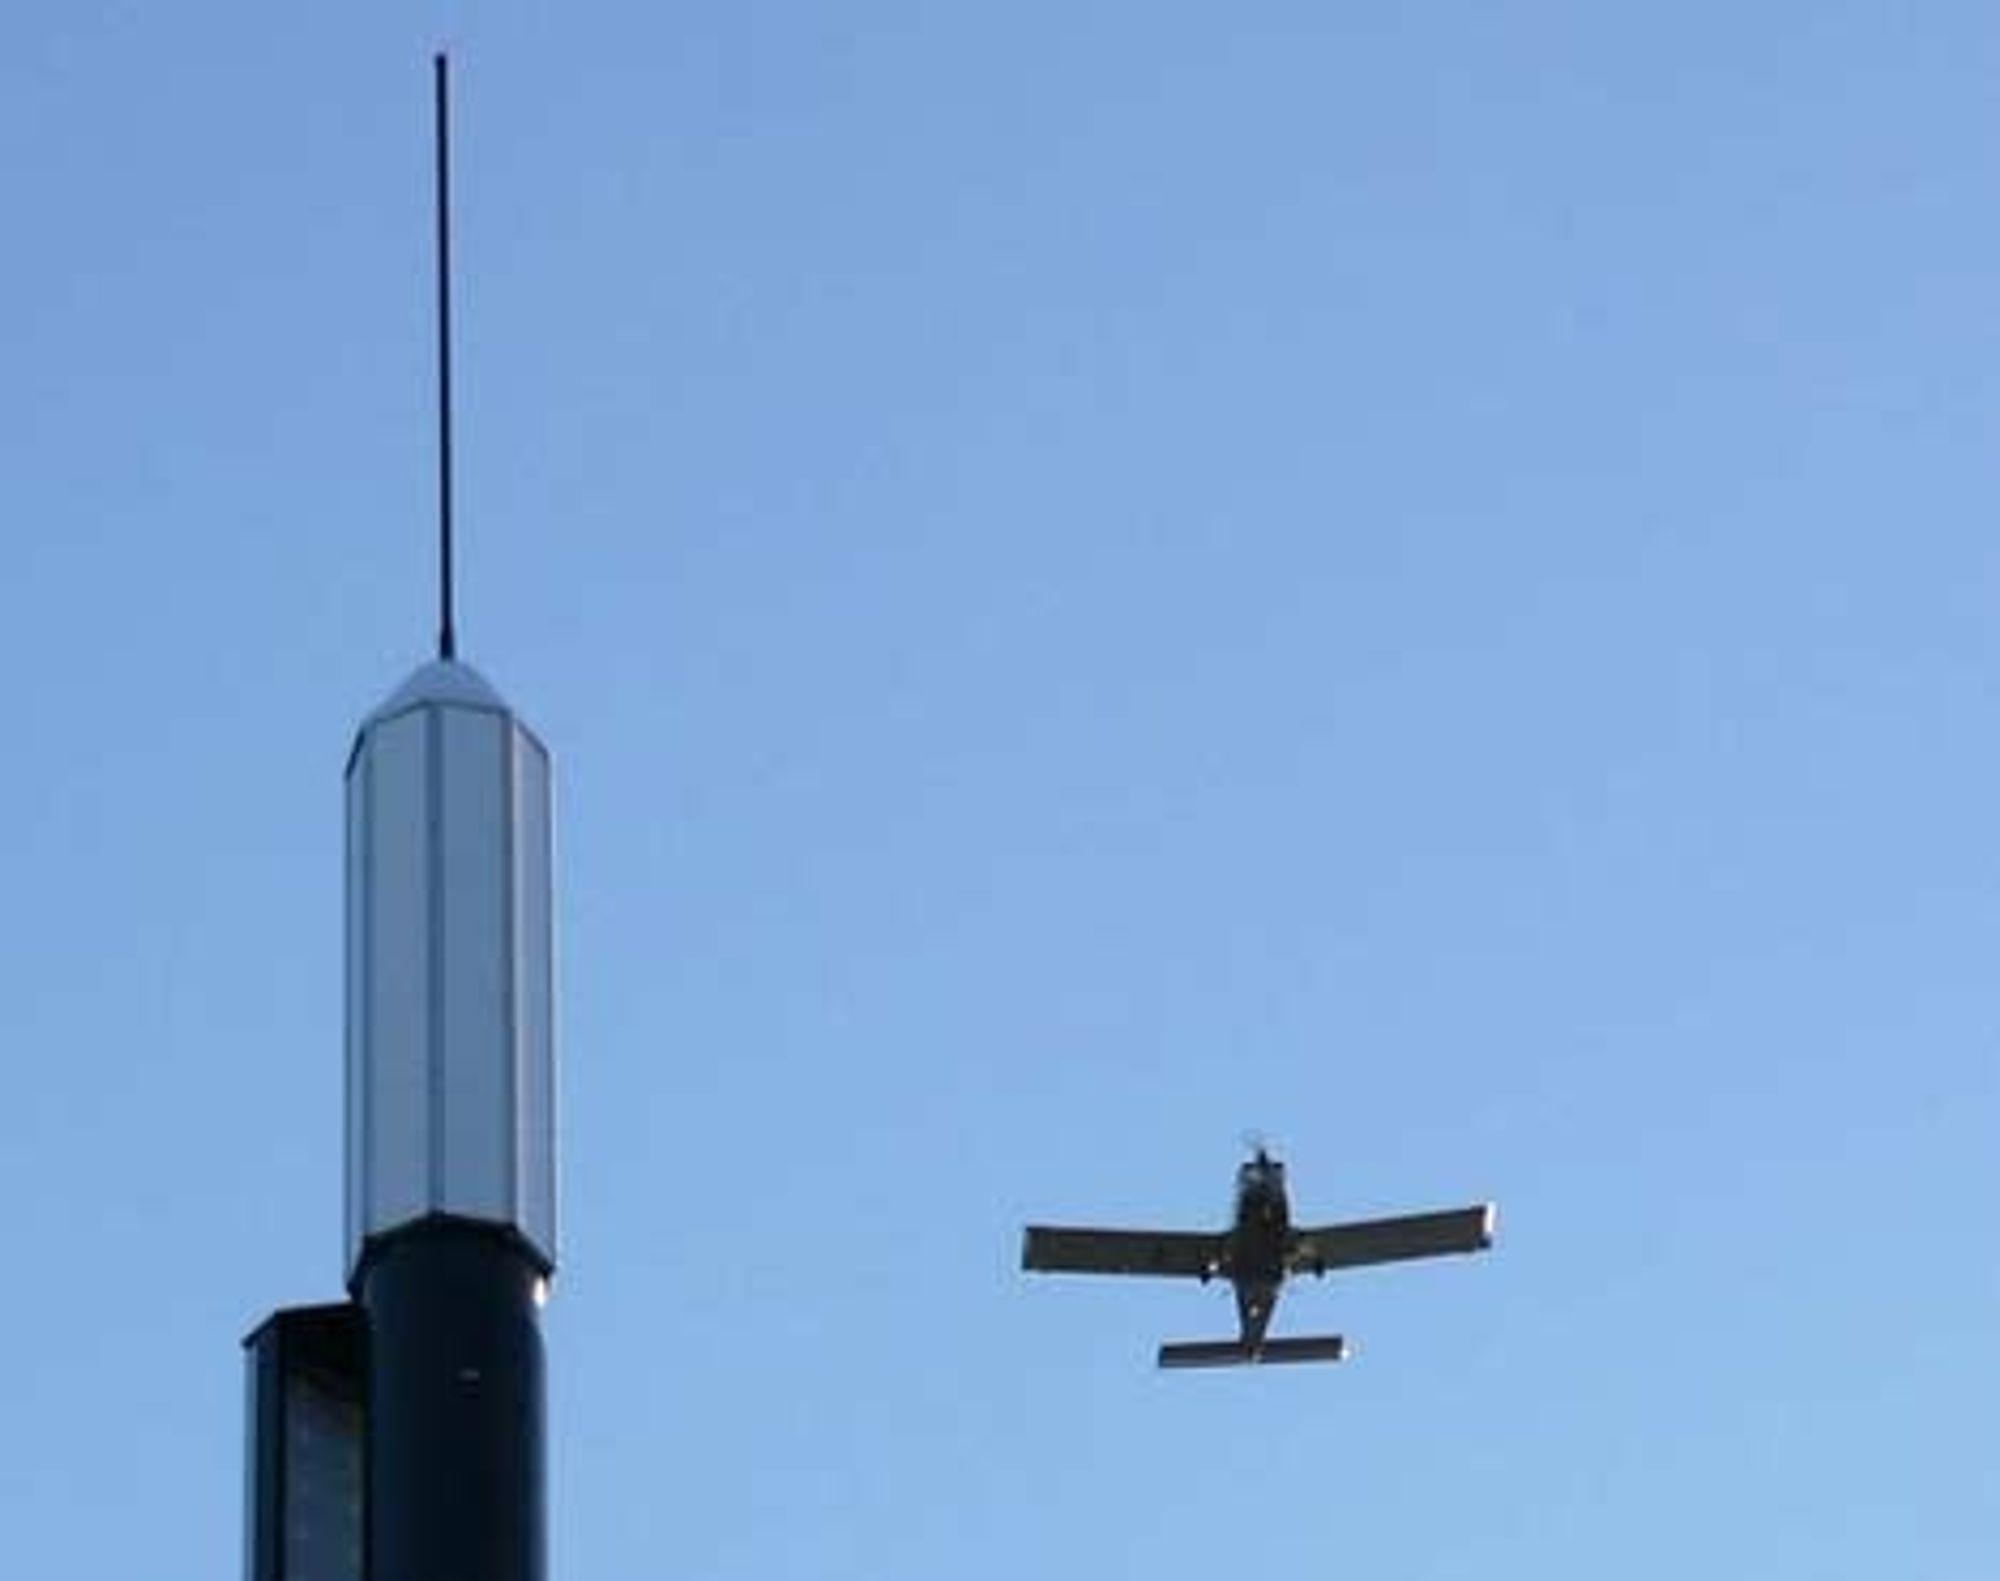 PLASSERING: Radarvarsleren plasseres på et strategisk sted i nærheten av lufthinderet. Øverst VHF-antenne, under radarpaneler med antenner som dekker 360 grader.